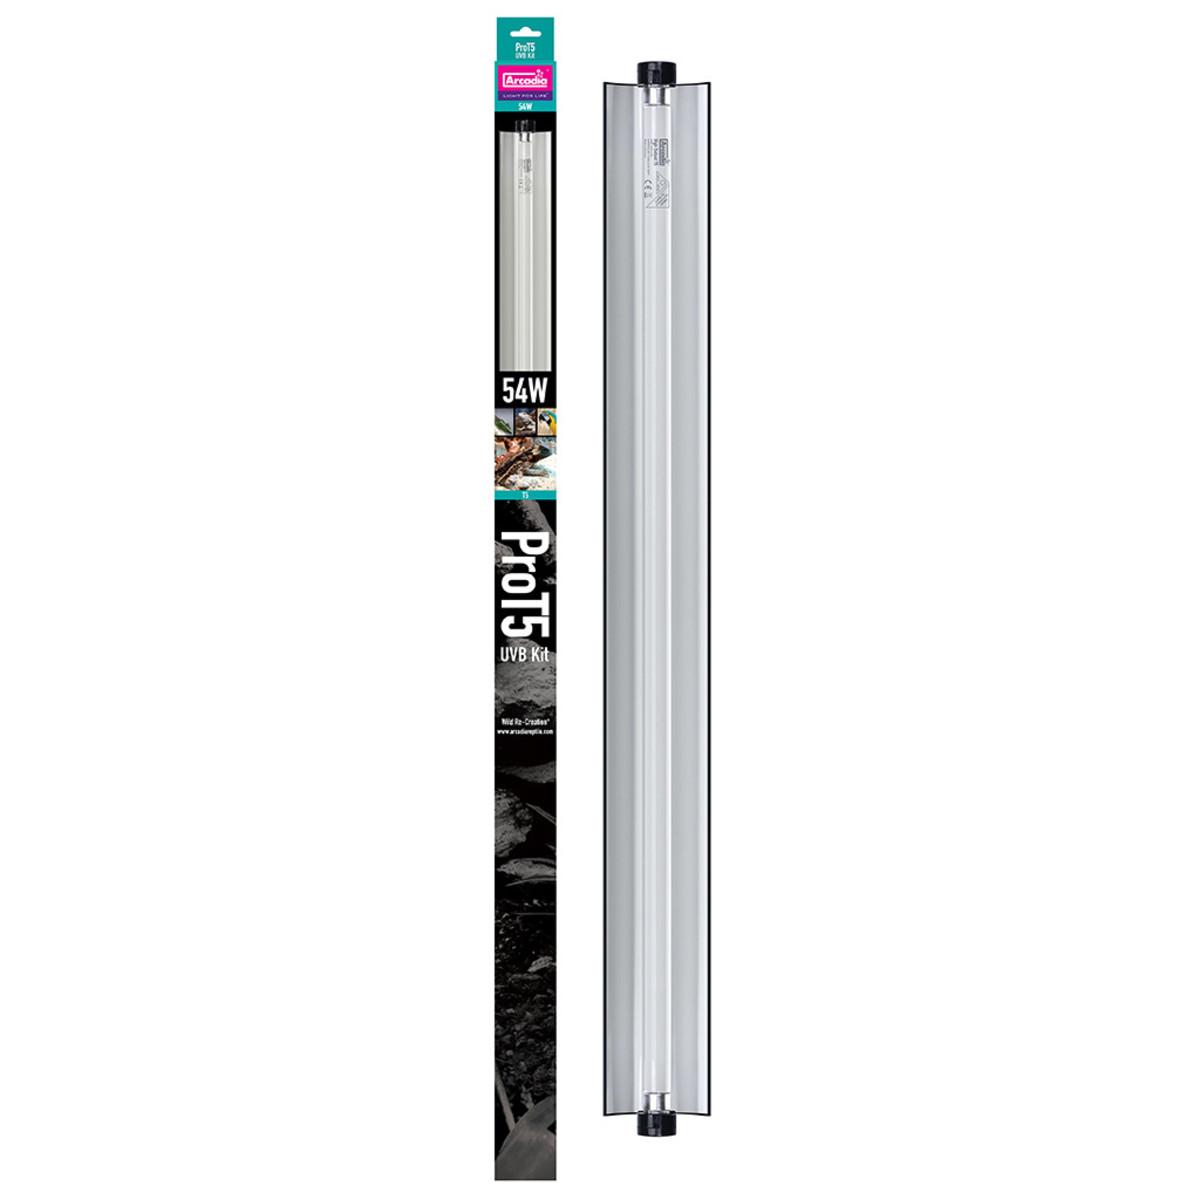 Arcadia Pro T5 UVB Kit, Desert 12% - 54w (46